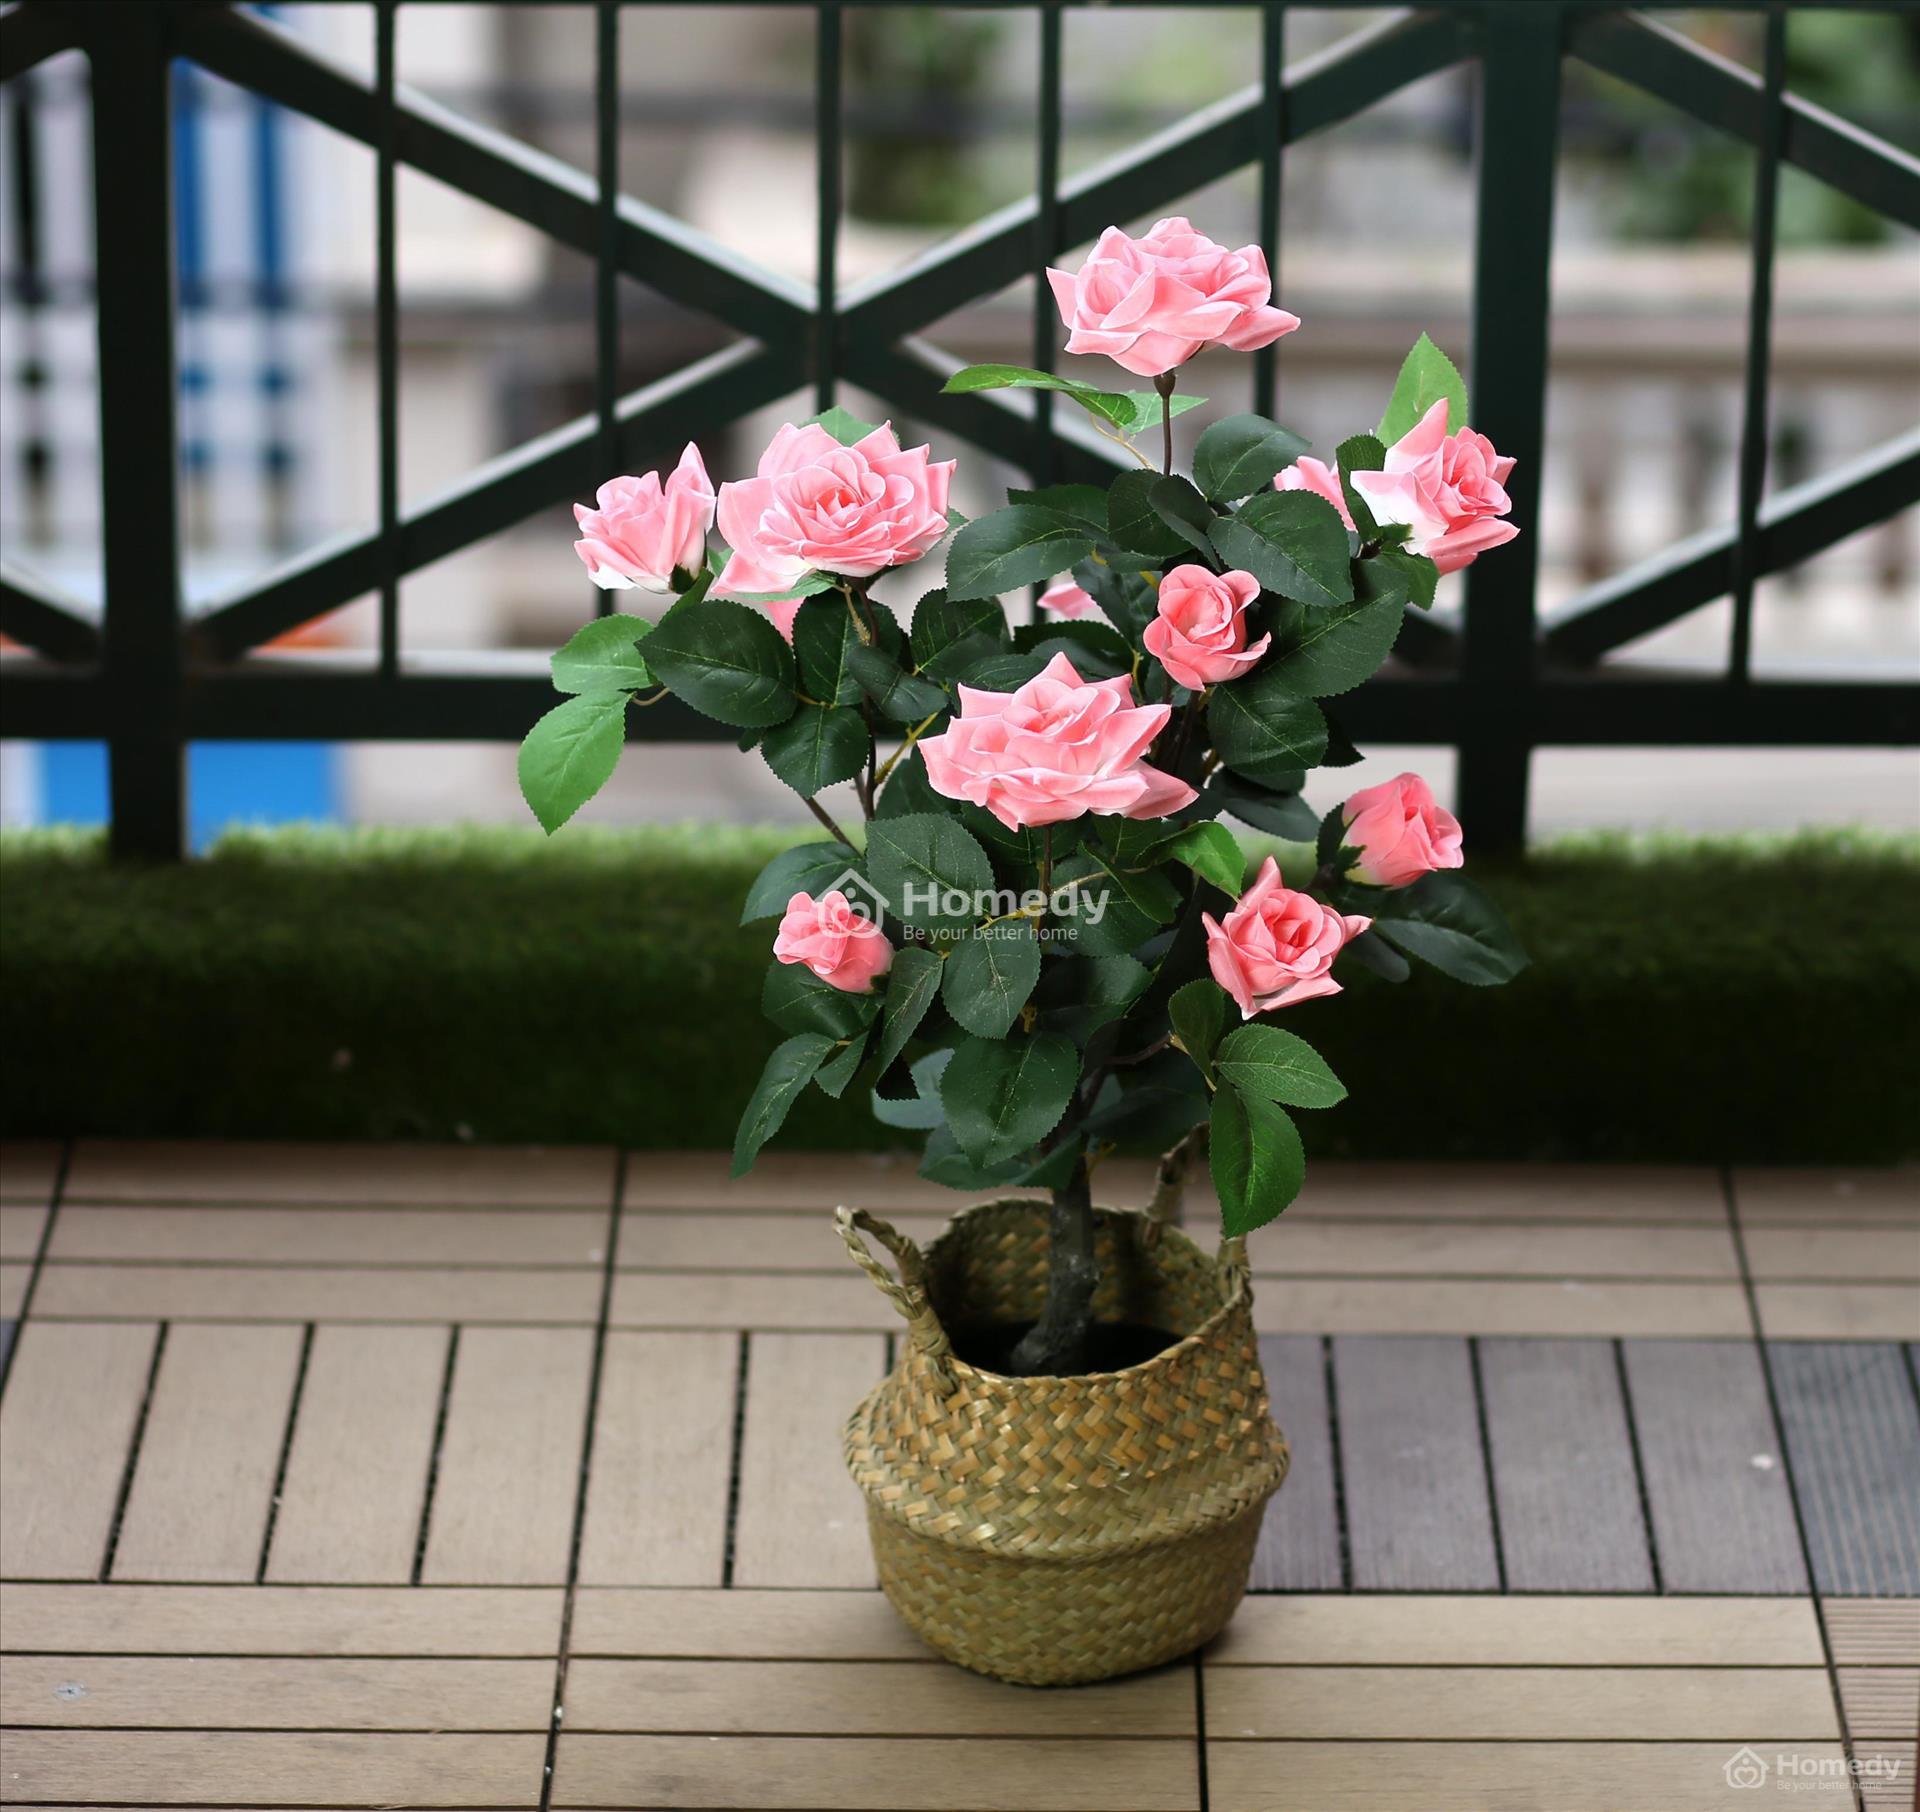 Trang trí hoa phòng khách với hoa hồng